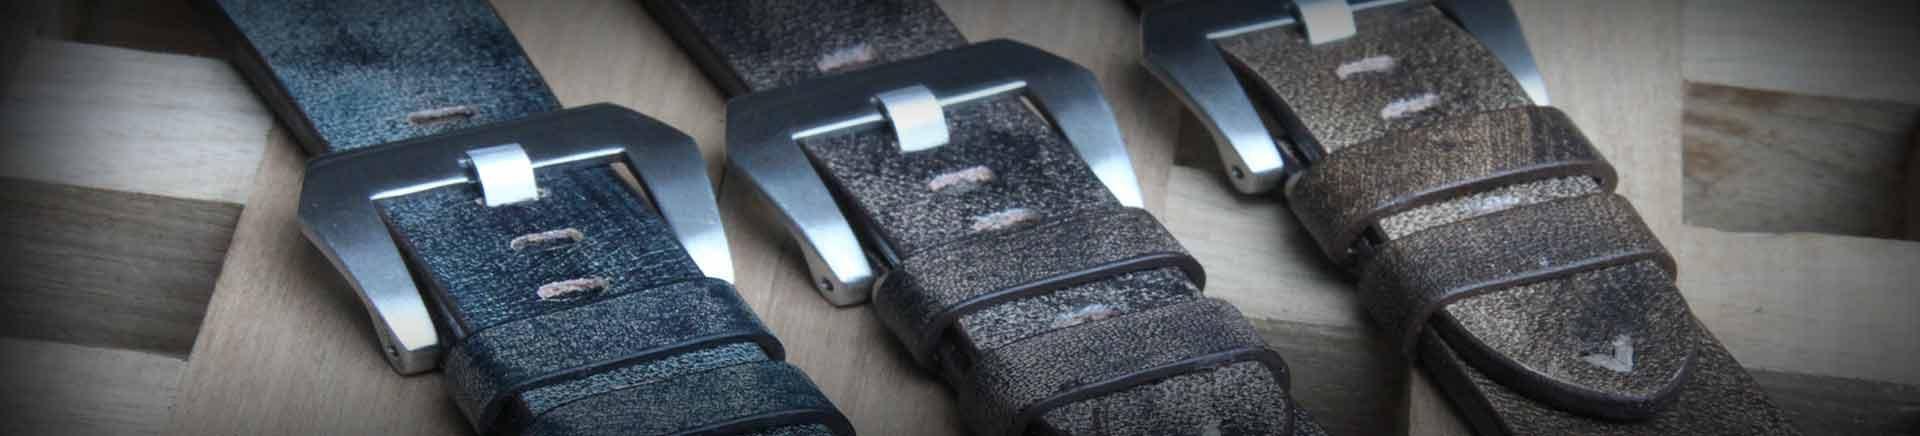 bracelets de montres homme cuir